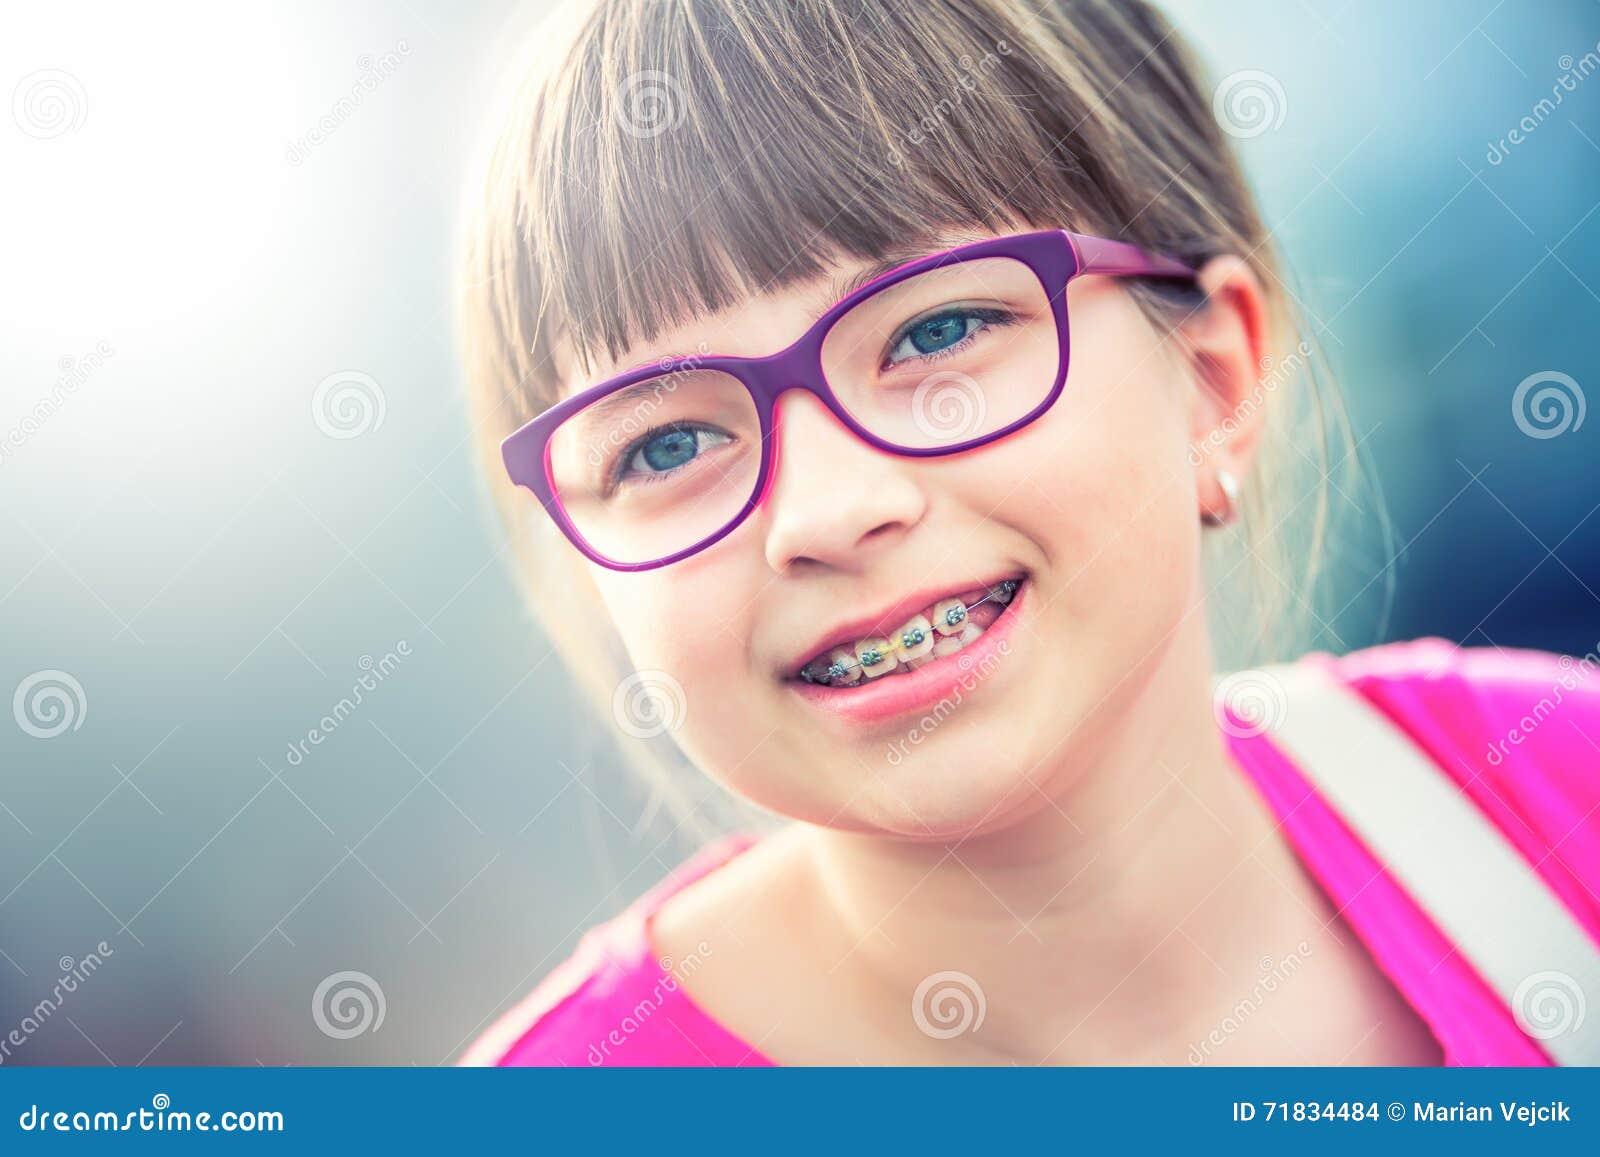 Flicka teen Pre tonårigt Flicka med exponeringsglas Flicka med tandhänglsen Bärande tandhänglsen och exponeringsglas för ung gull